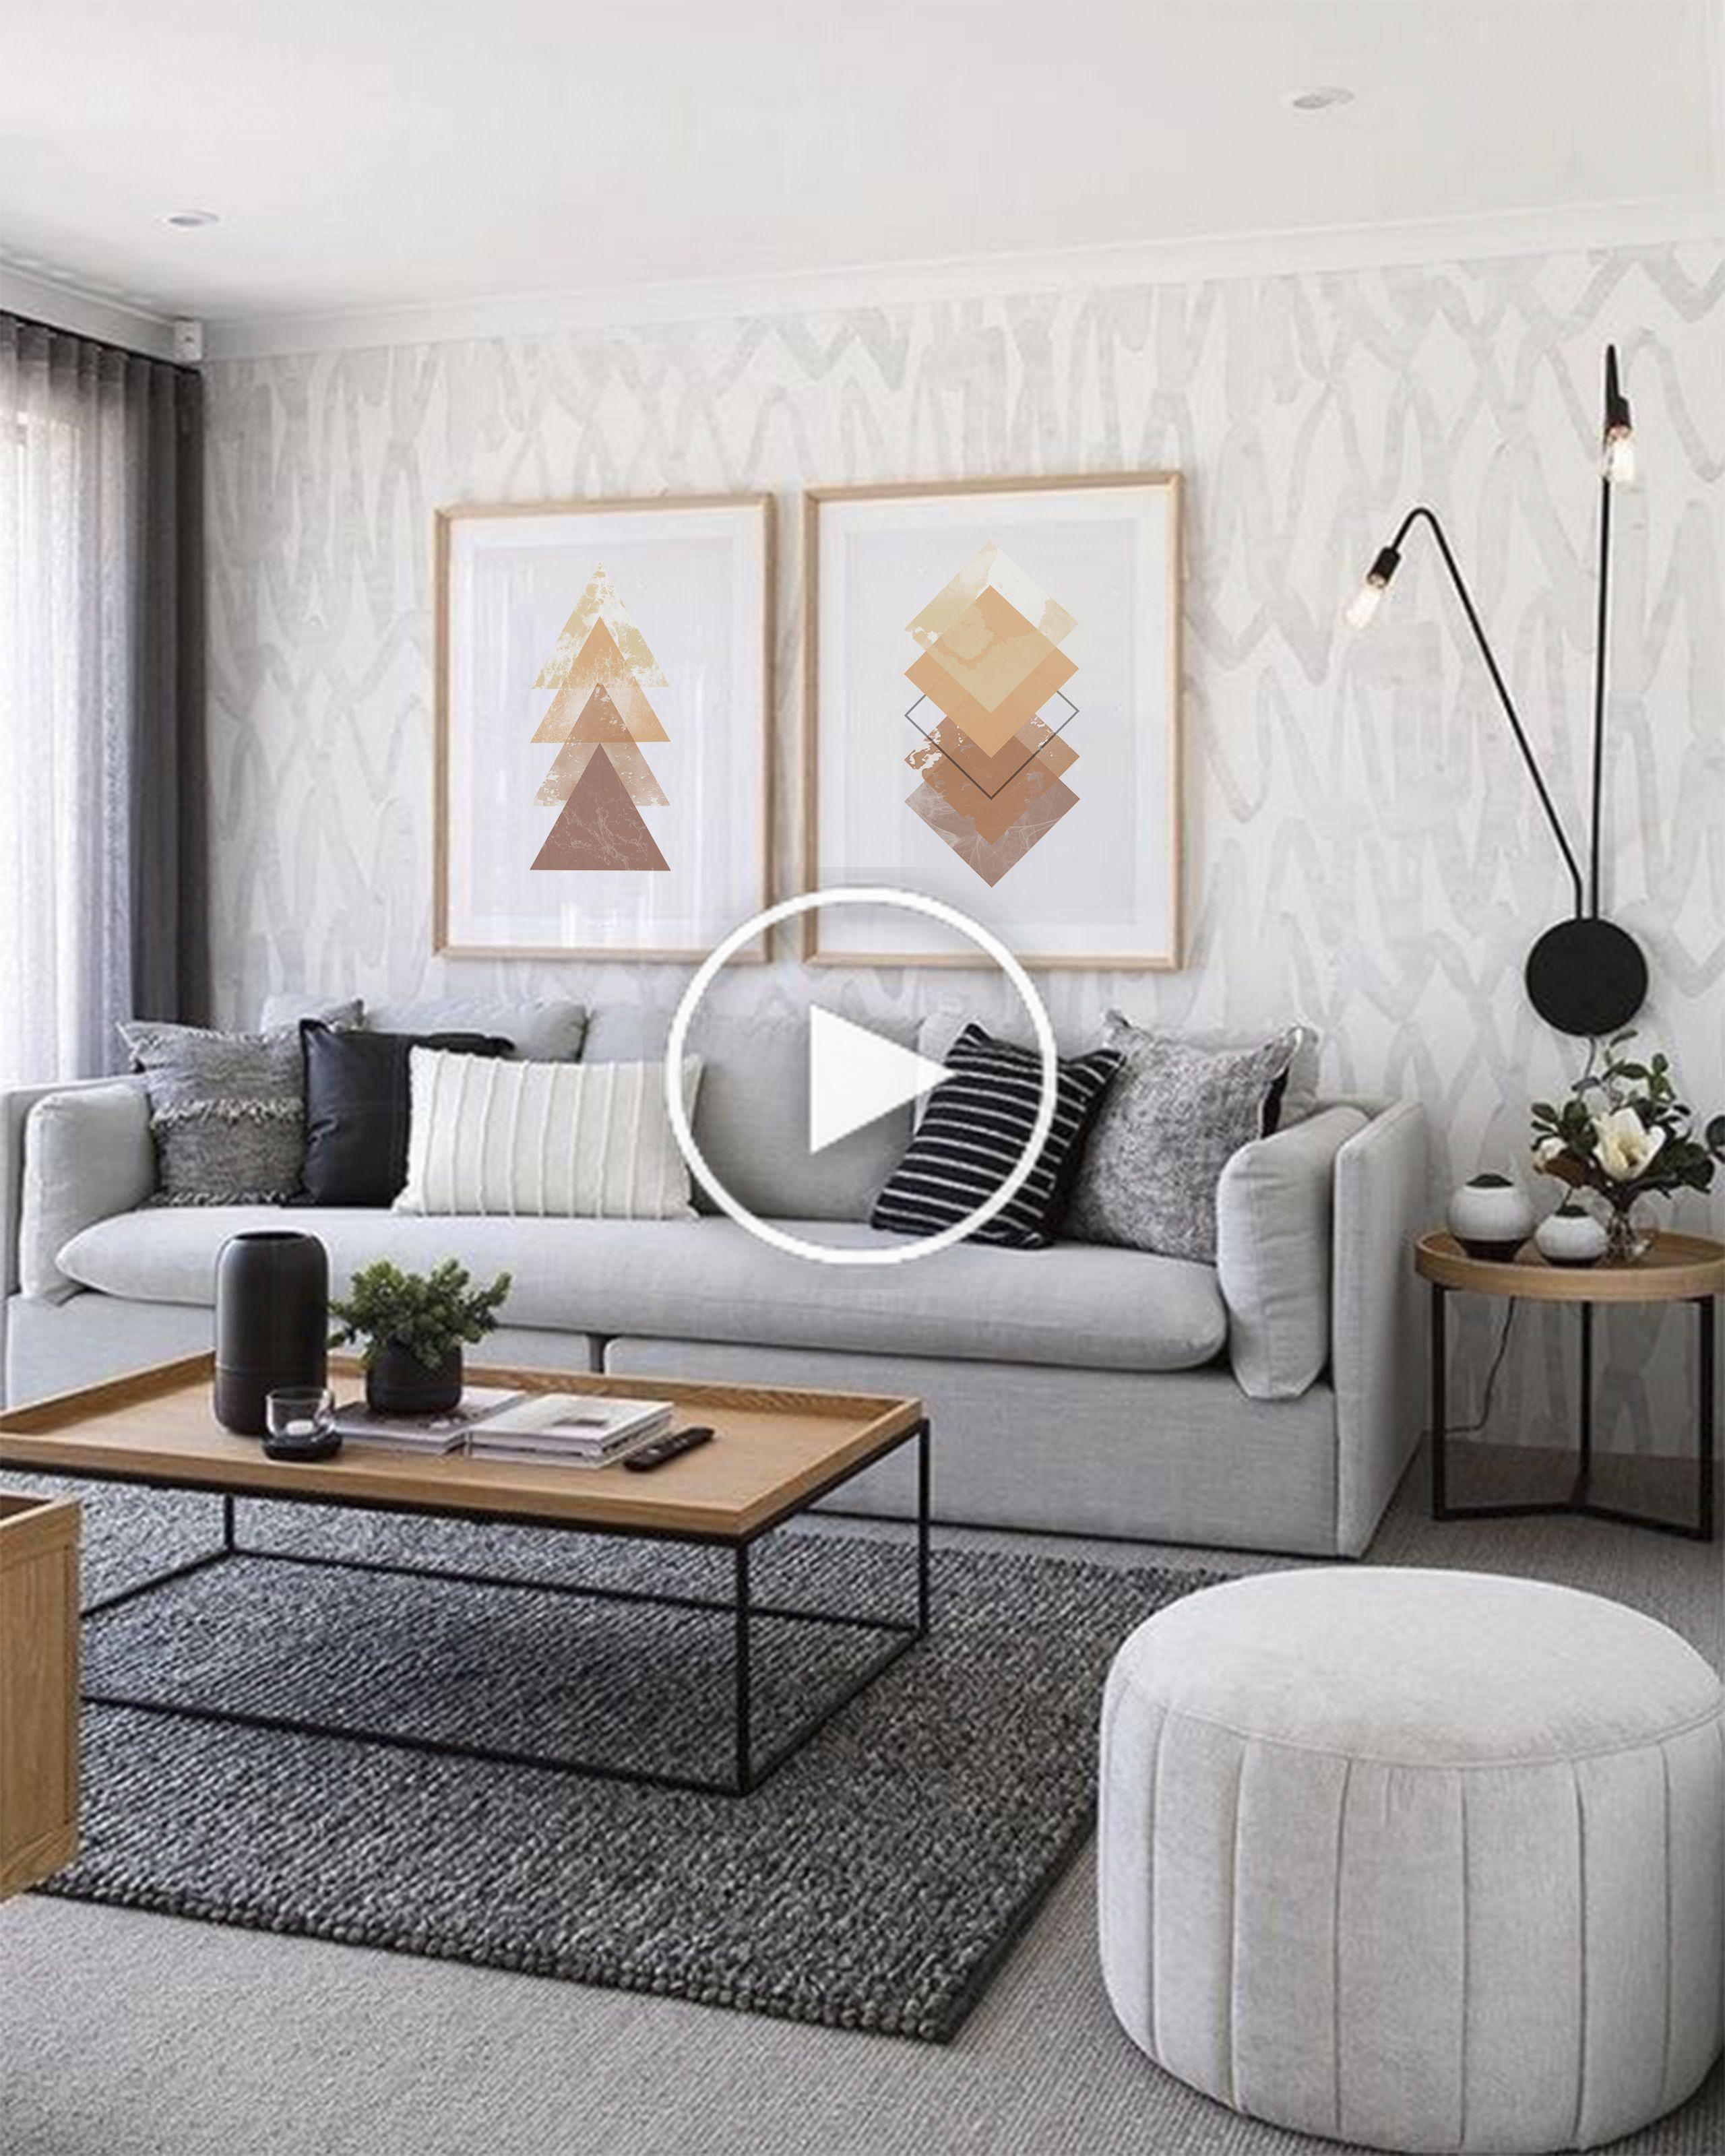 Pin on חדר רחצה   Living room decor modern, Wall decor bedroom ...